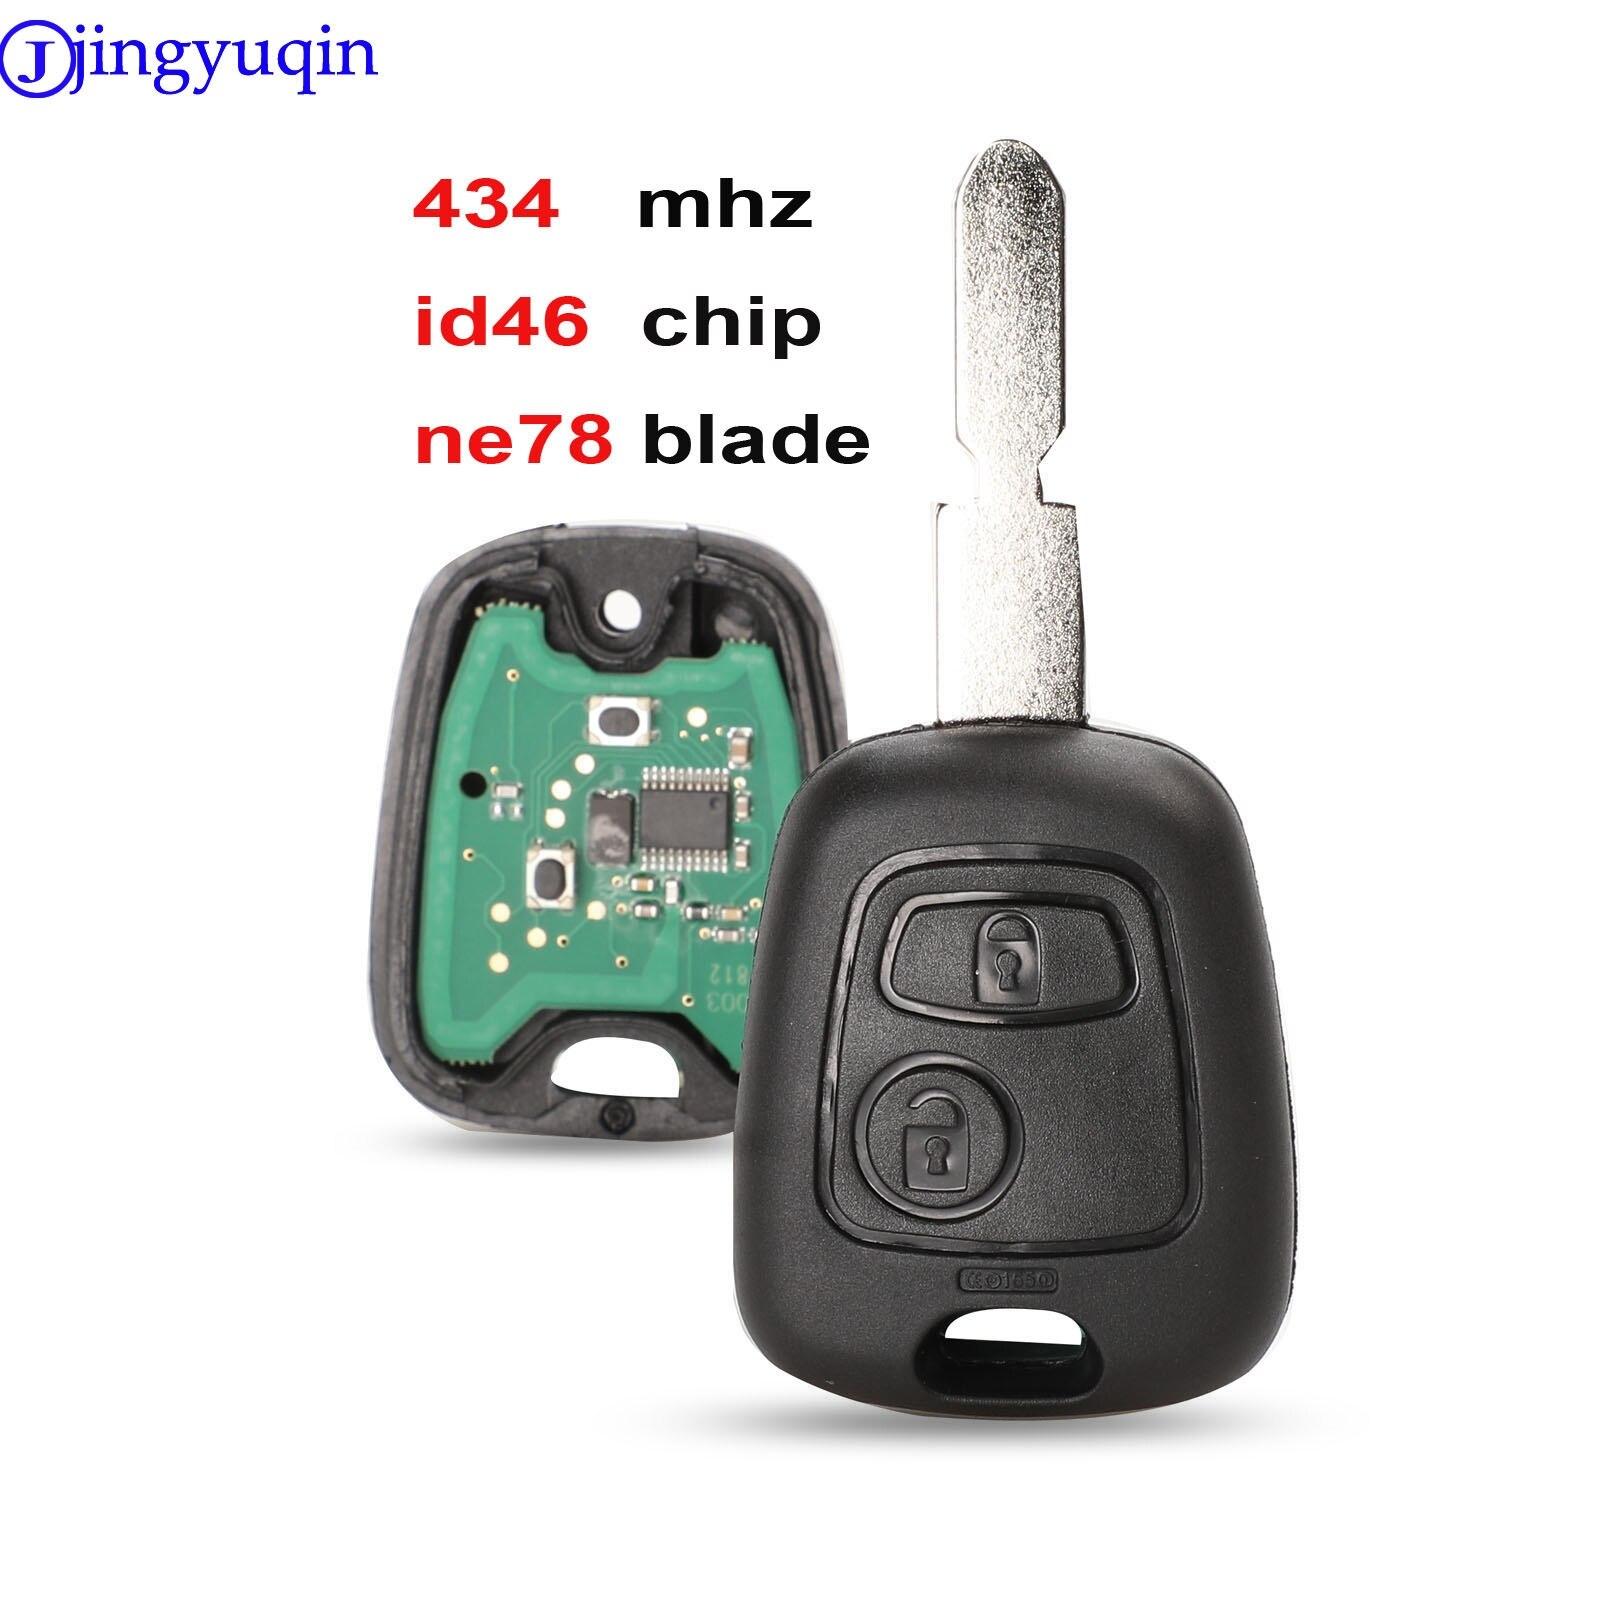 Jingyuqin для Peugeot 406 407 408 607, 2 кнопки, приемопередающий чип ключа автомобиля ID46 434 МГц и NE78 Blade, оригинальные клавиши